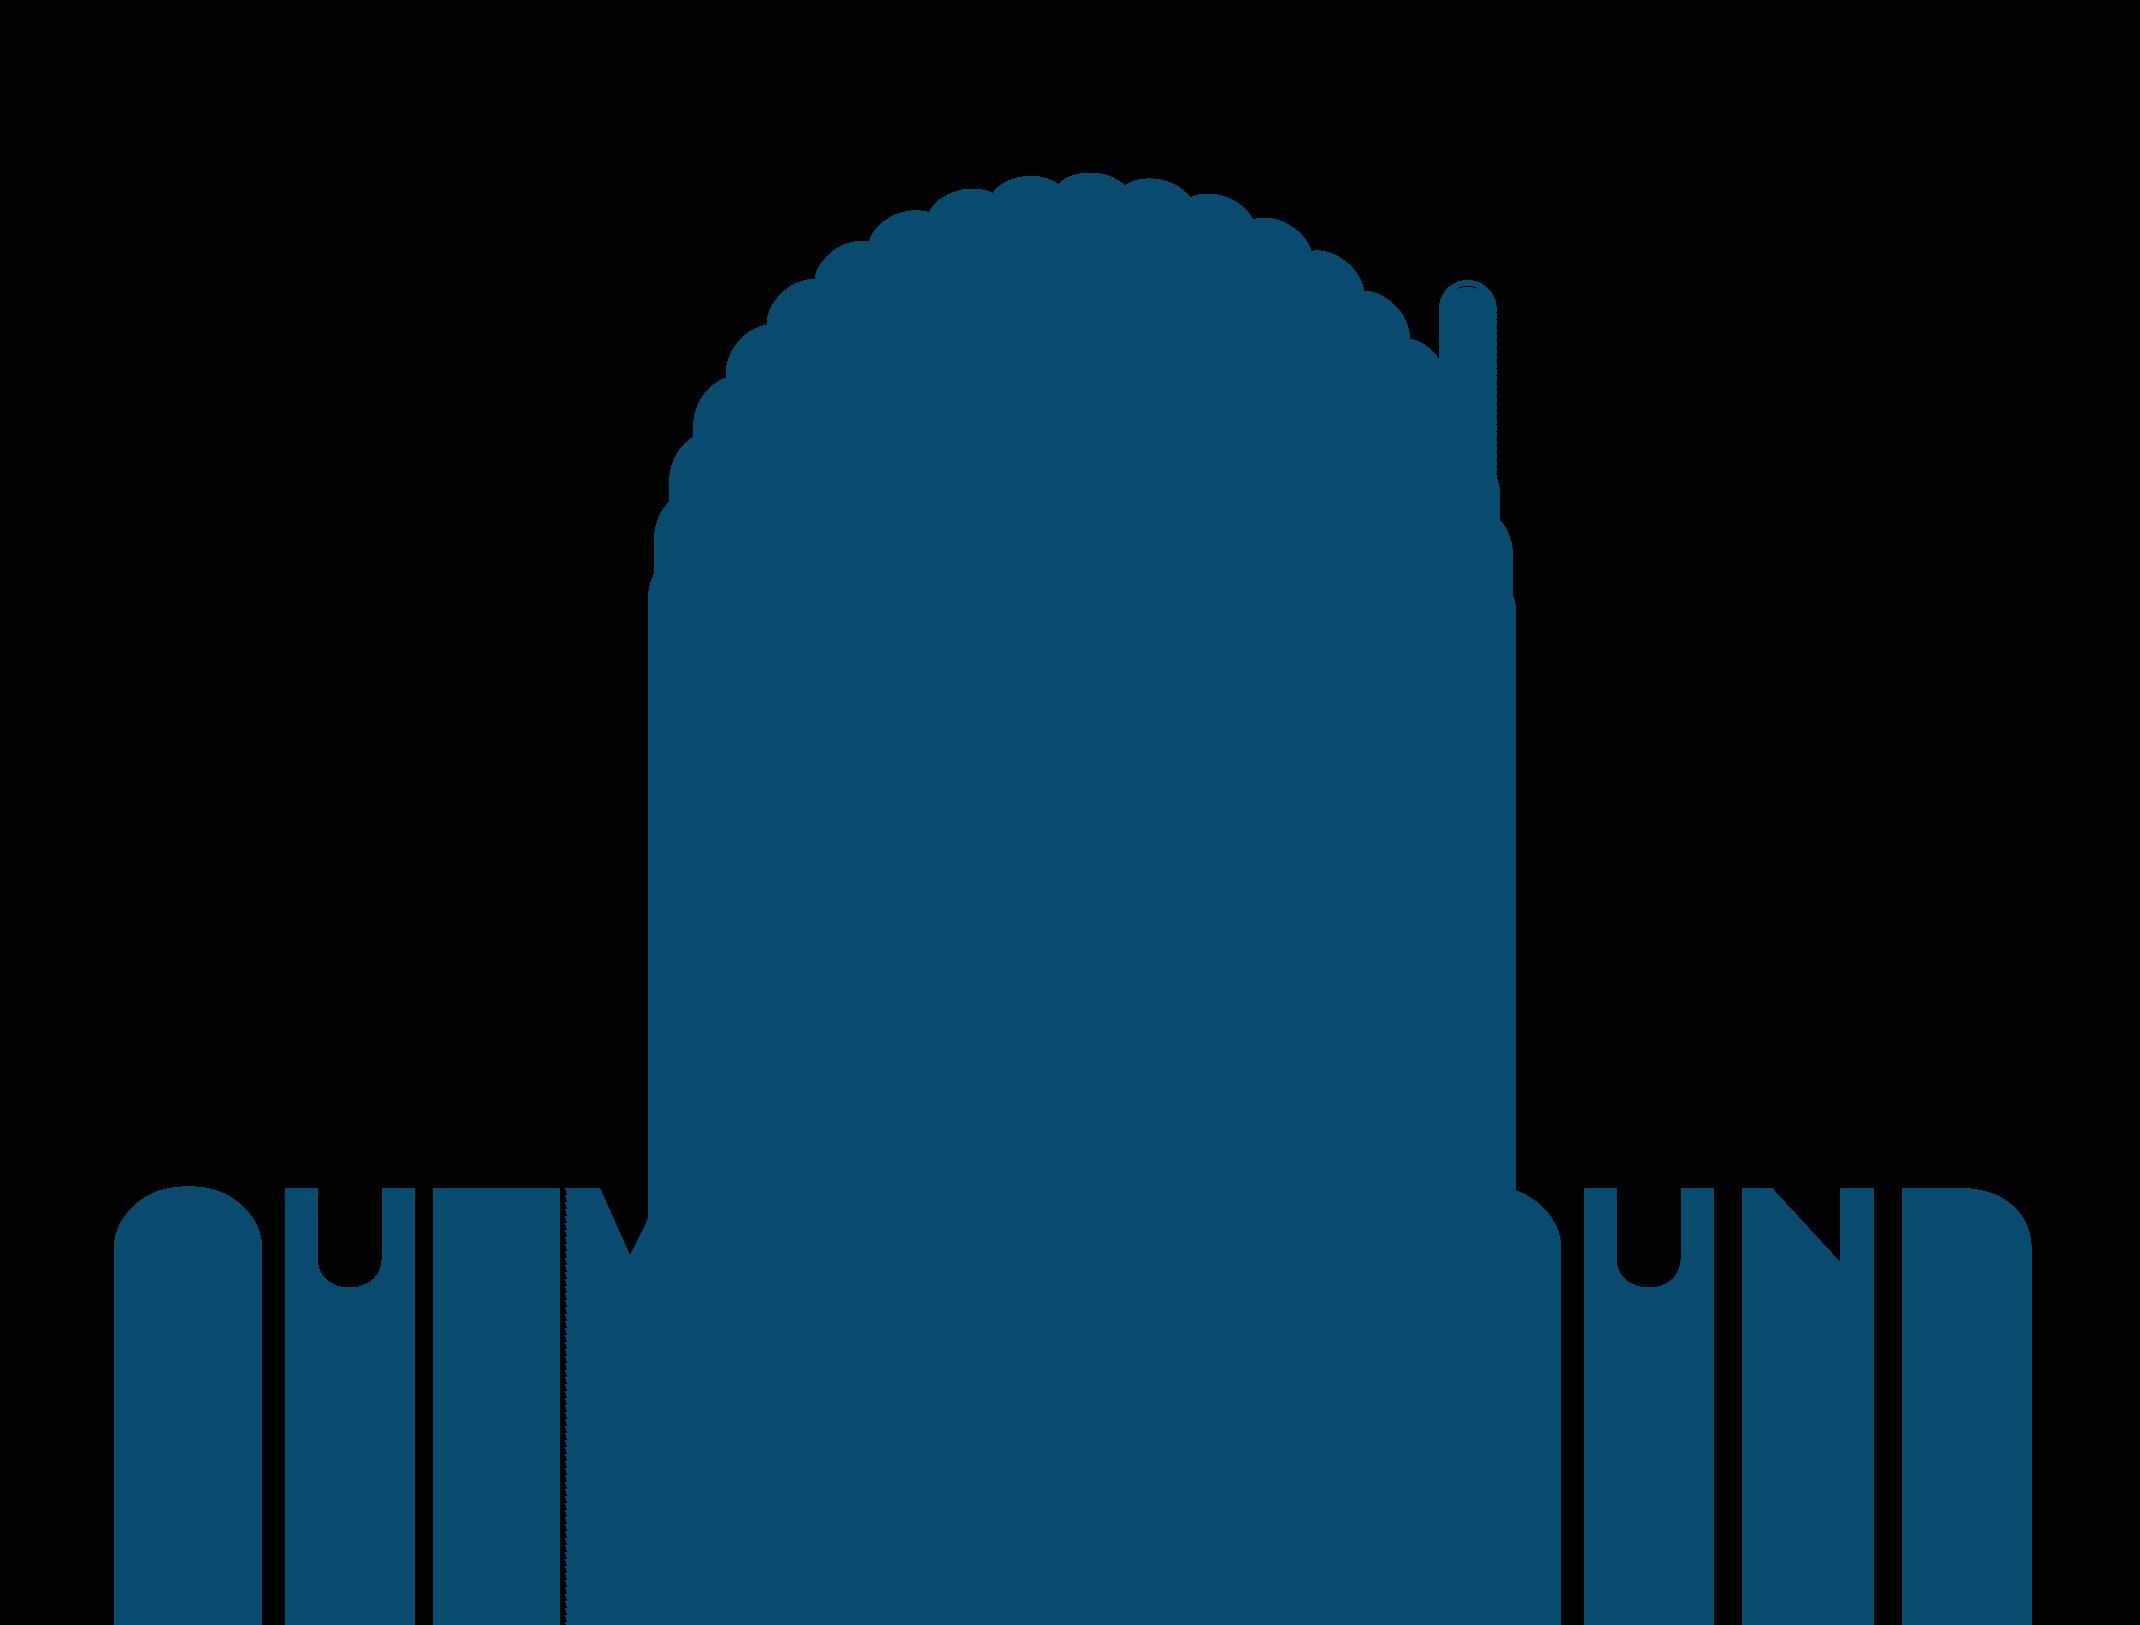 Outward Bound Vietnam logo